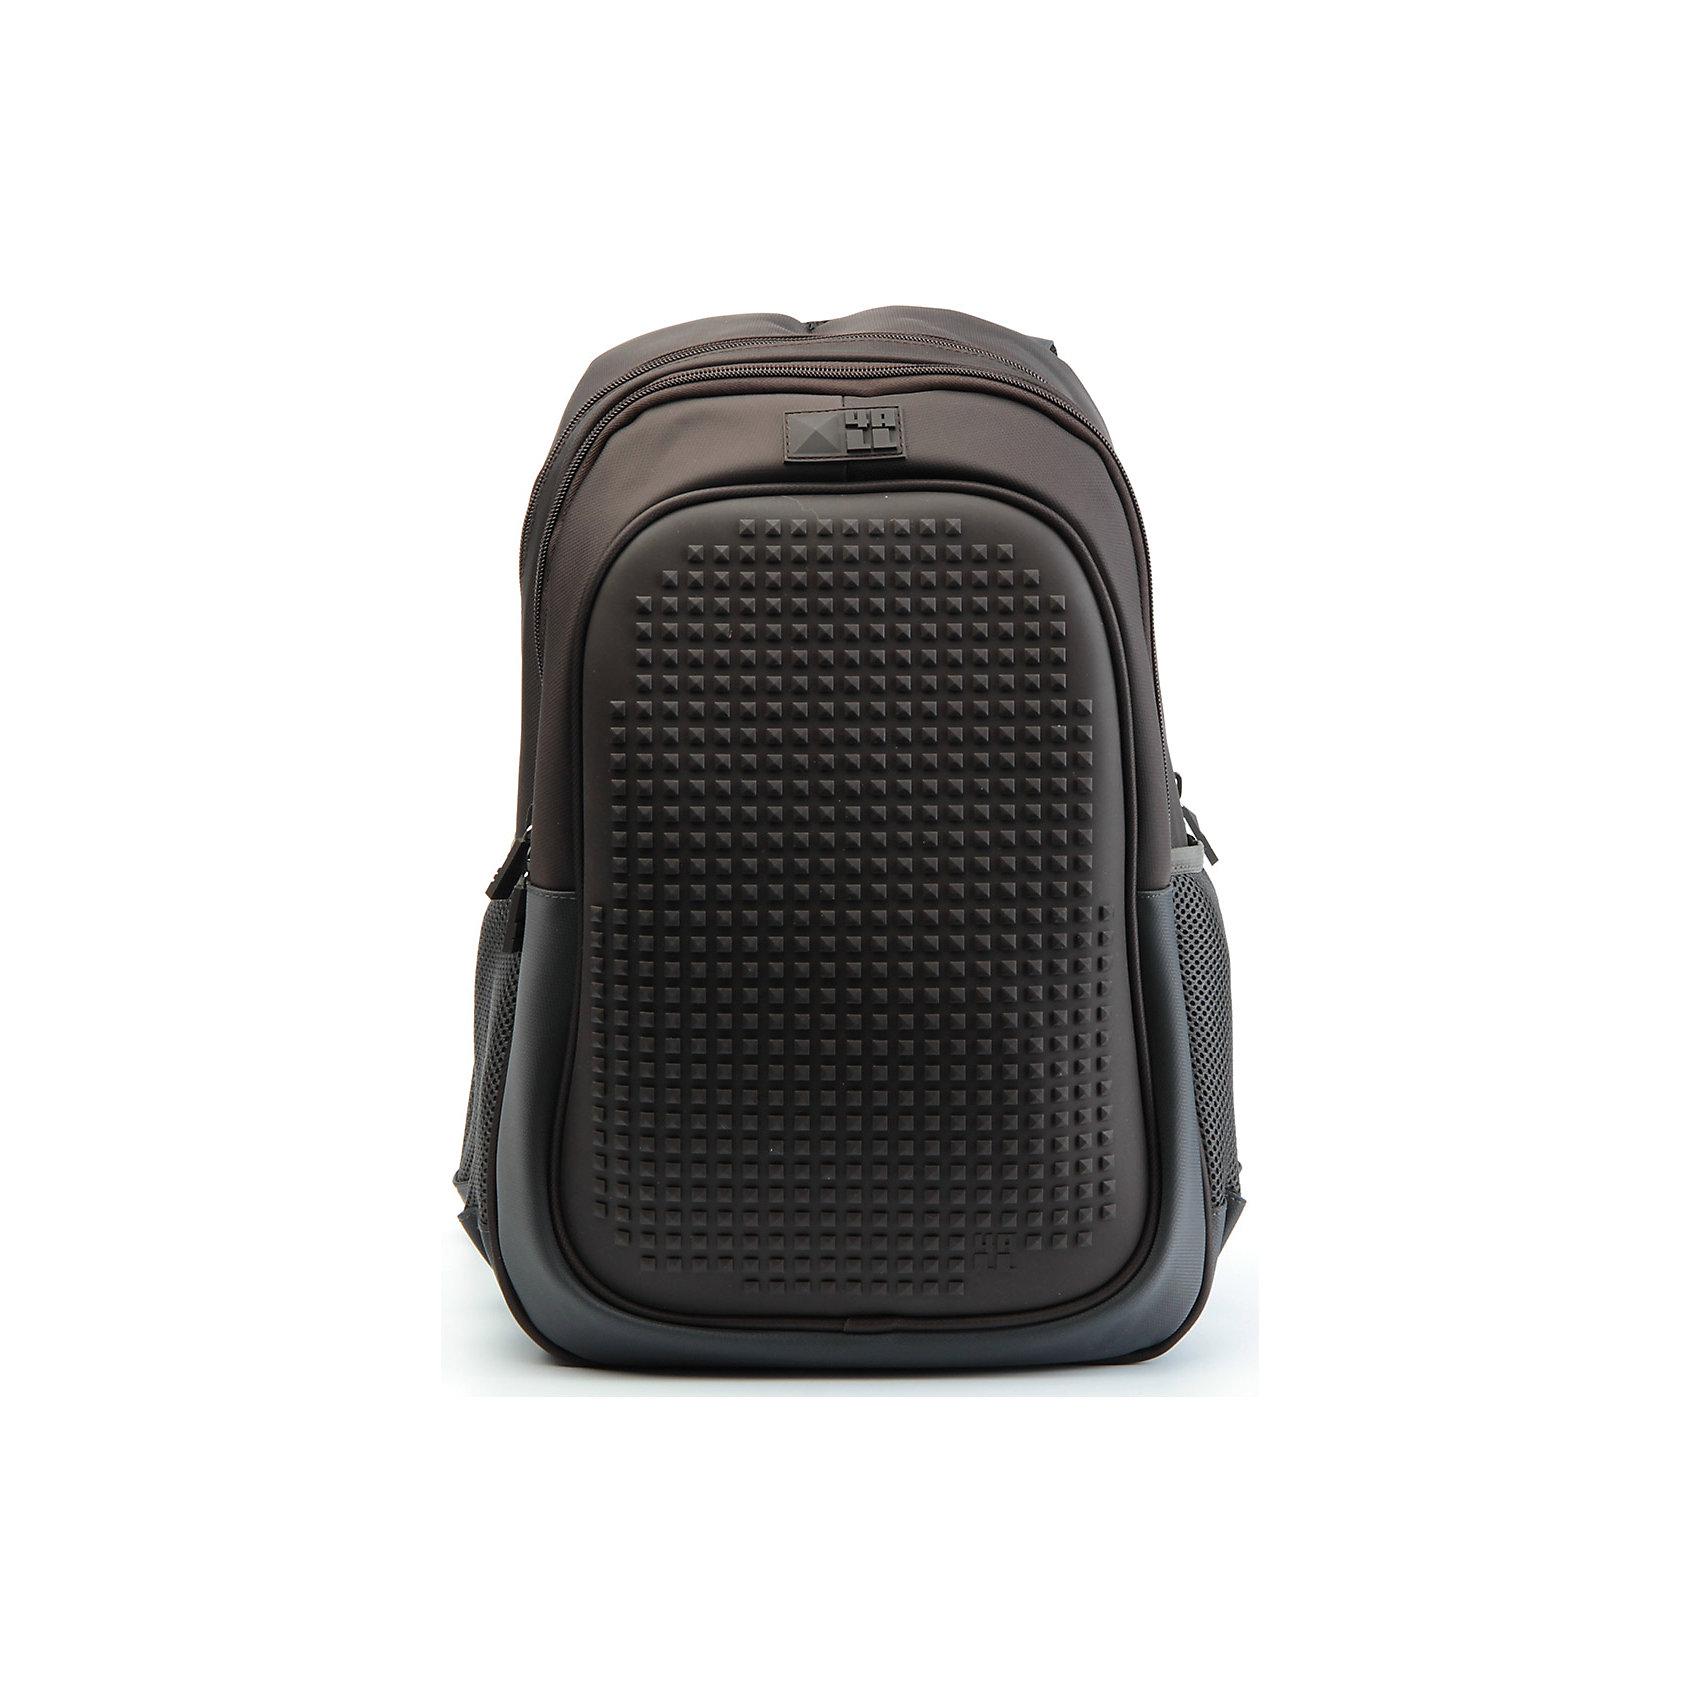 4ALL Рюкзак Case, темно-коричневыйРюкзаки<br>Яркий, вместительный рюкзак с одним большим отделением, карманом и силиконовой панелью для творчества. Развлечение и первые опыты в современном искусстве!<br>Такой современный и интересный ранец будет прекрасным подарком к 1 сентября!<br><br>Особенности:<br>AIR COMFORT system:<br>- Система свободной циркуляции воздуха между задней стенкой рюкзака и спиной ребенка.<br>- Совместно с ортопедической спиной ERGO system эта система воздухообмена делает ежедневное использование рюкзаков KIDS безопасным для здоровья и максимально комфортным!<br>ERGO system:<br>- Разработанная нами система ERGO служит равномерному распределению нагрузки на спину ребенка. Она способна сделать рюкзак, наполненный учебниками, легким. ERGO служит сохранению правильной осанки и заботится о здоровье позвоночника!<br>Ортопедическая спина:<br>- Важное свойство наших рюкзаков - ортопедическая спина! Способна как корсет поддерживать позвоночник, правильно распределяя нагрузку, а так же обеспечивает циркуляцию воздуха между задней стенкой рюкзака и спиной ребенка!<br>А также:<br>- Гипоаллергенный силикон;<br>- Водоотталкивающие материалы;<br>- Устойчивость всех материалов к температурам воздуха ниже 0!<br><br>Дополнительная информация:<br><br>- Рюкзак уже содержит 1 упаковку разноцветных пикселей-битов (300 шт.) для создания картинок<br>- Цвет: темно-коричневый;<br>- Объем рюкзака: 25,9 л.<br>- Размер в упаковке: 40х27х17 см.<br>- Вес в упаковке: 780 г.<br><br>Рюкзак Kids в темно-коричневом цвете , можно купить в нашем магазине.<br><br>Ширина мм: 400<br>Глубина мм: 270<br>Высота мм: 170<br>Вес г: 780<br>Возраст от месяцев: 36<br>Возраст до месяцев: 180<br>Пол: Унисекс<br>Возраст: Детский<br>SKU: 4786365